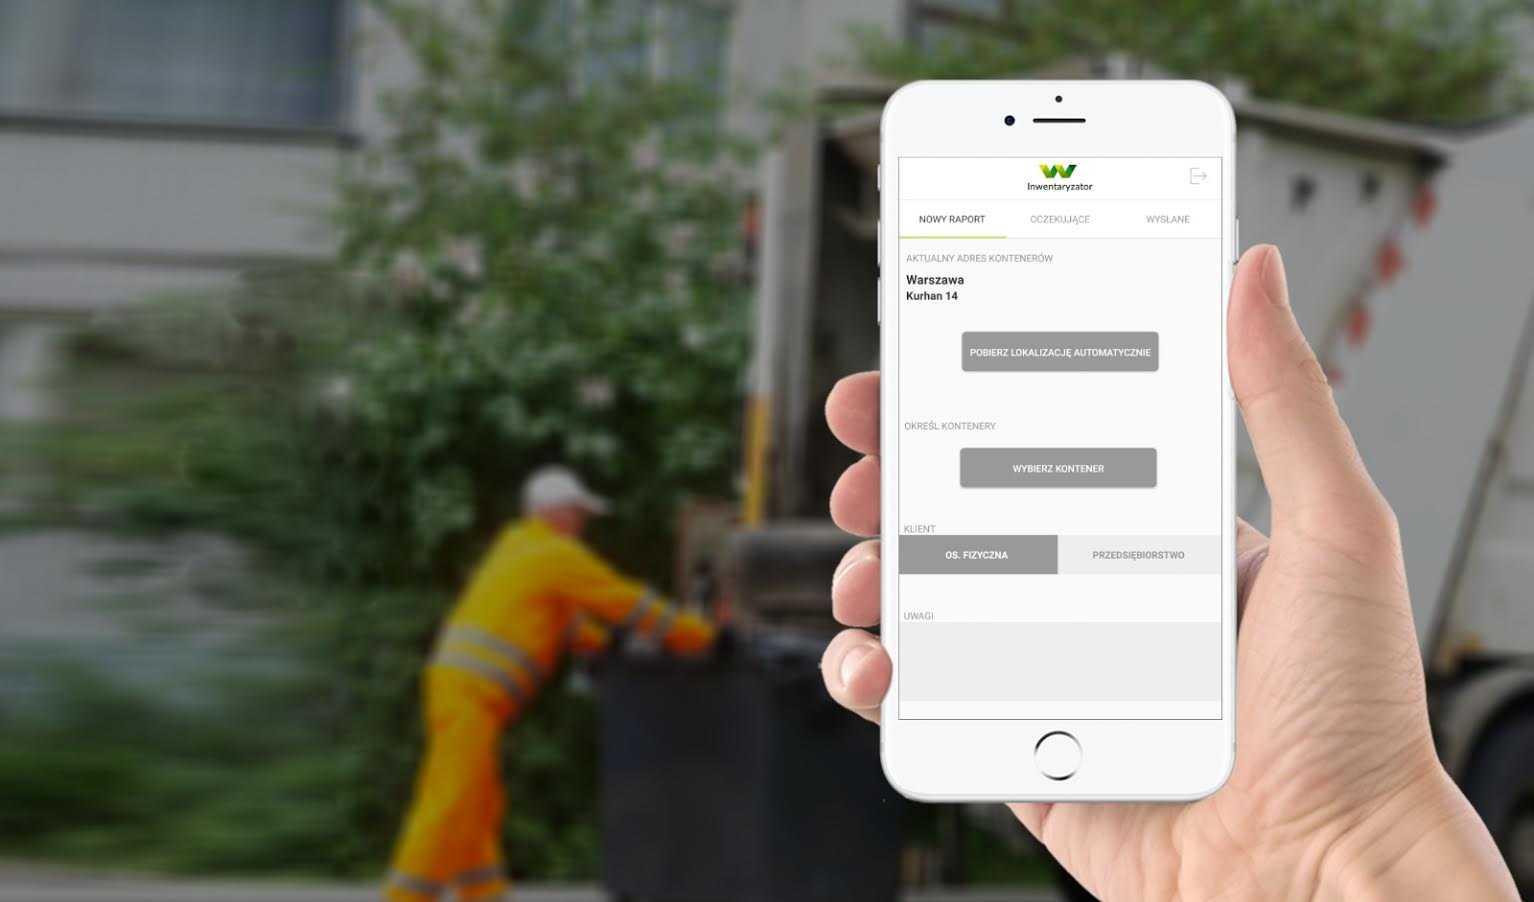 Aplikacja do oceny jakości segregacji - moduł Waste24